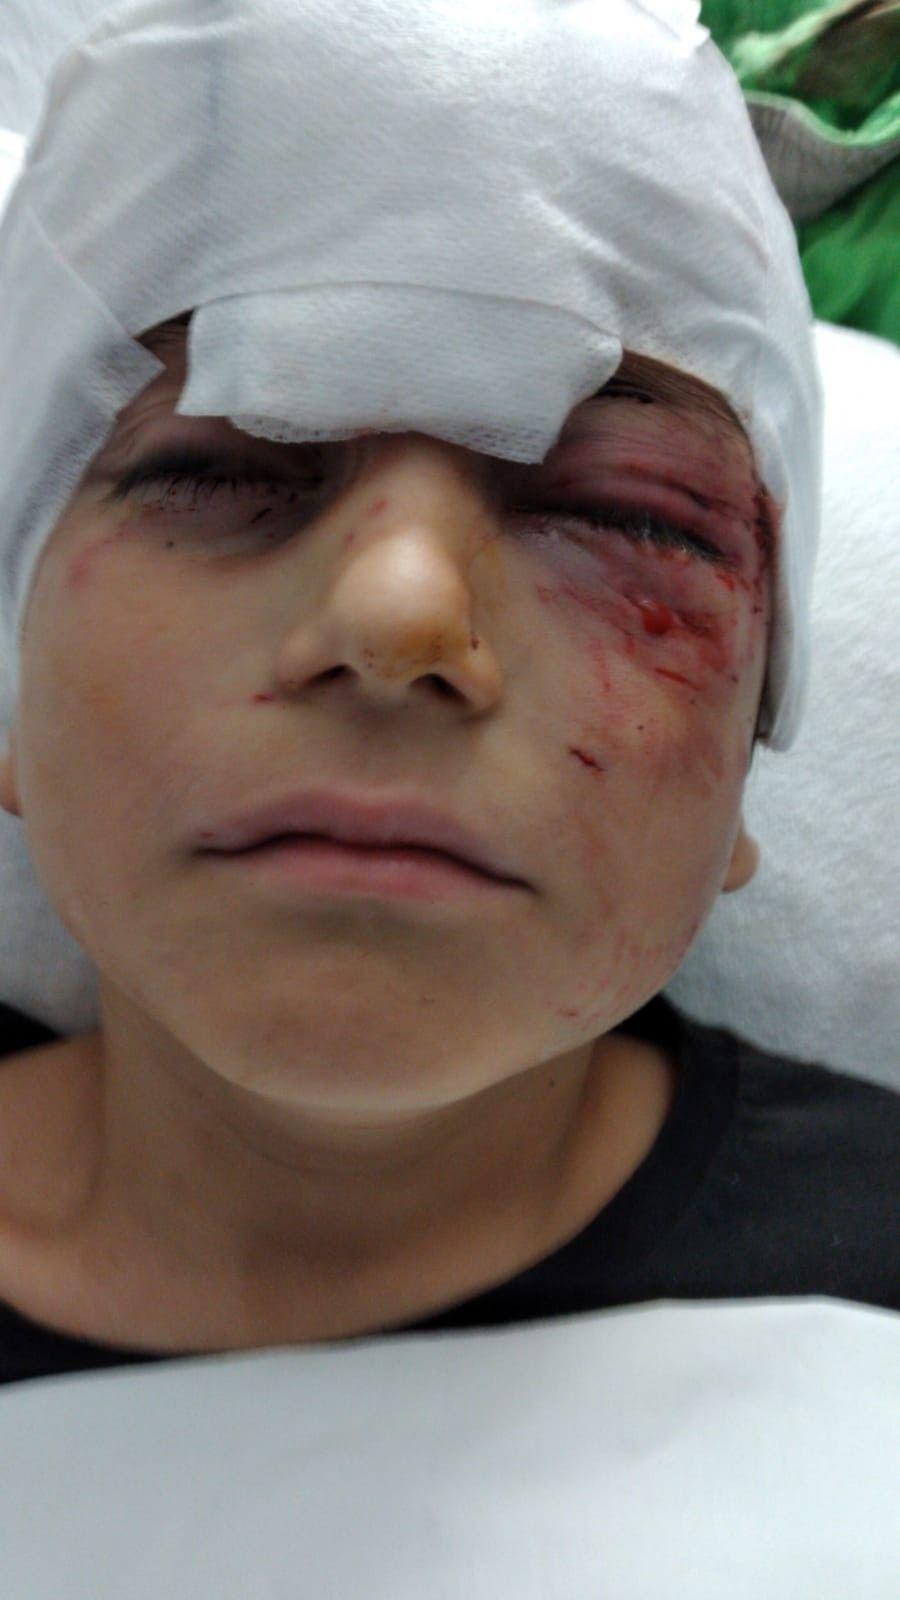 Kocaeli'de 8 yaşındaki çocuk yaşadığı dehşeti anlattı: Yere yatırdı beni, bana saldırdı